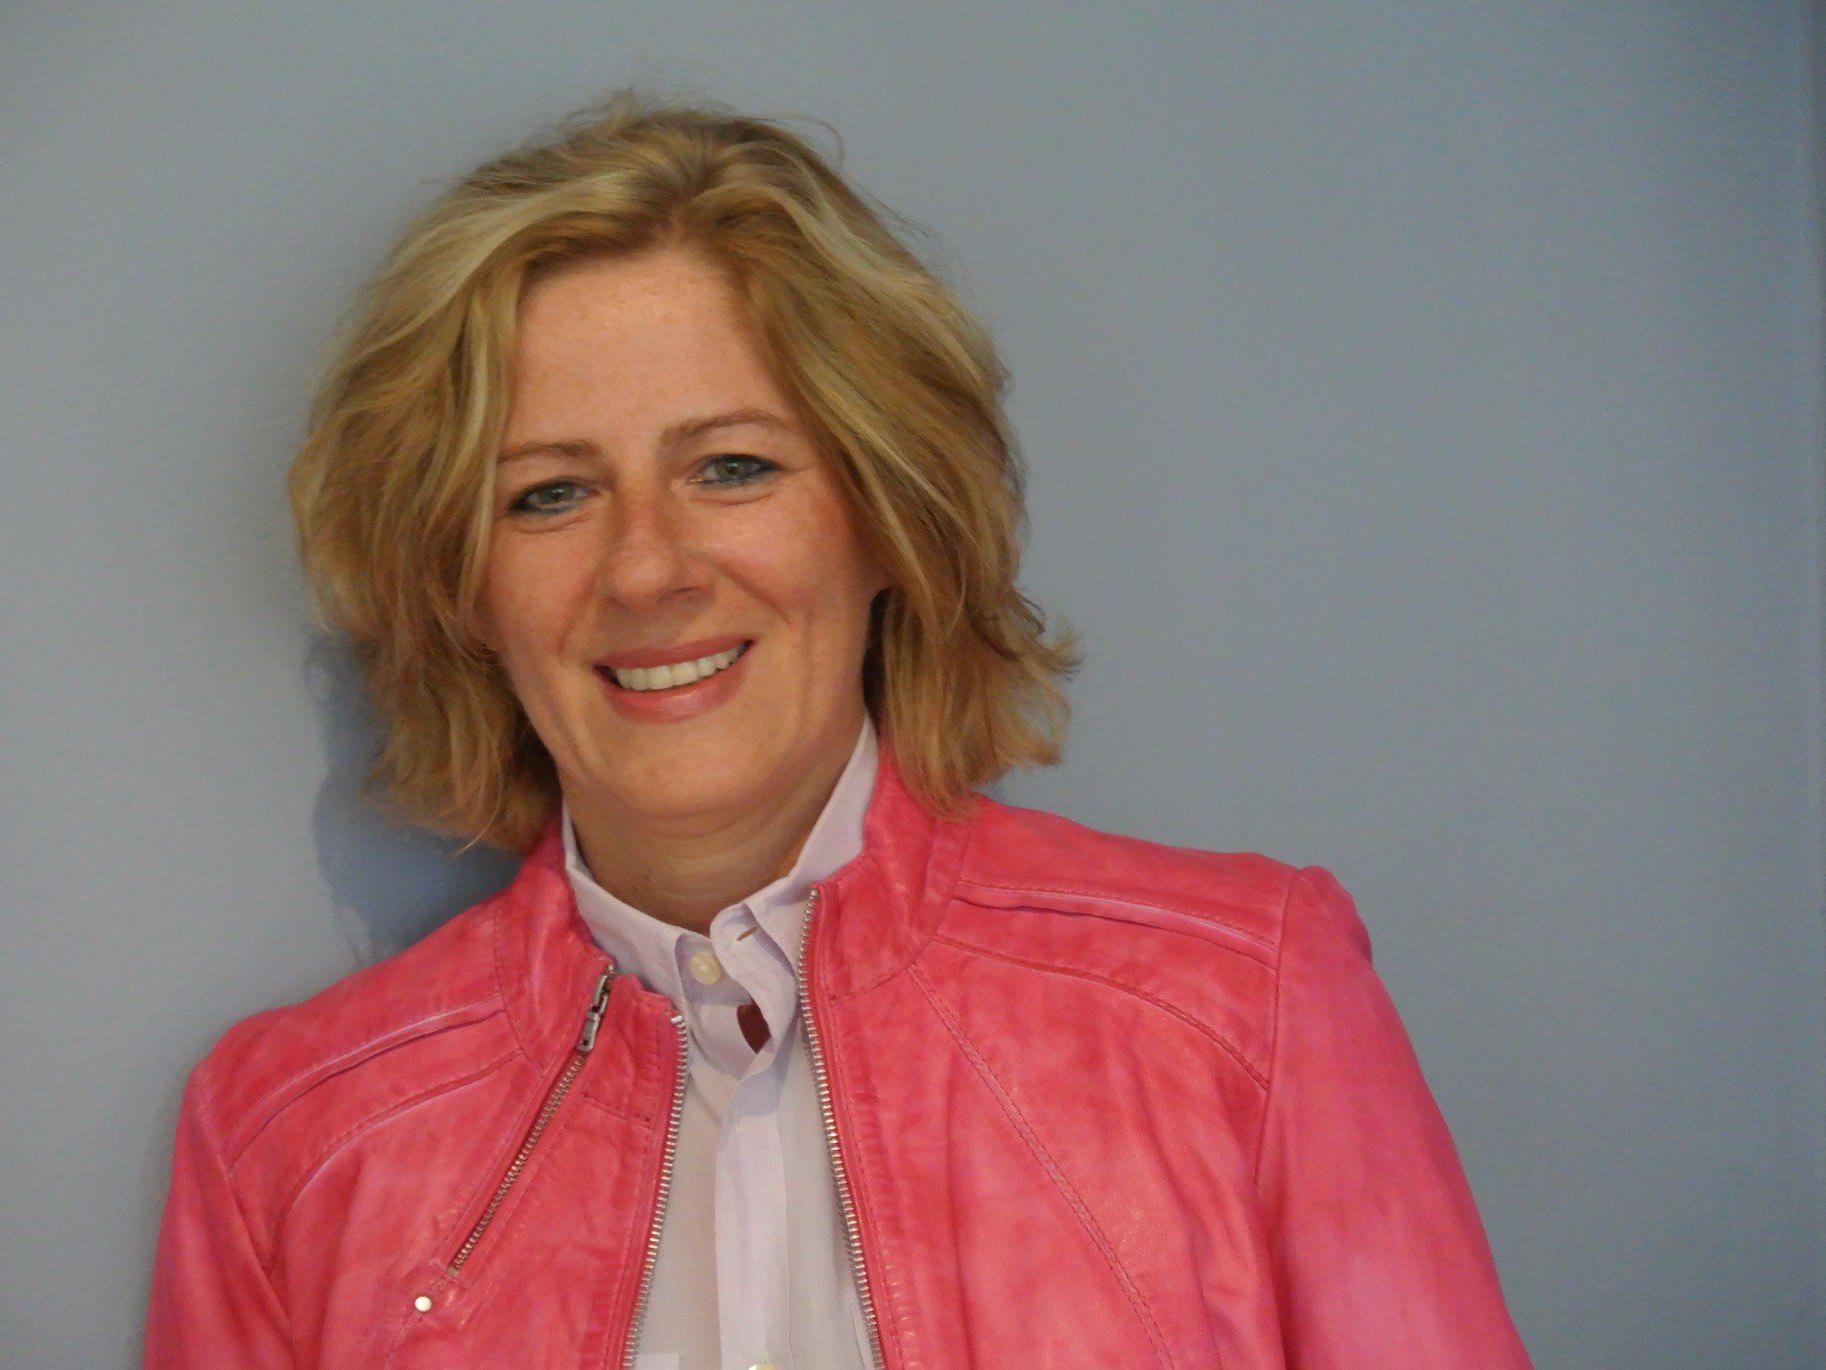 Neuer Personalwechsel bei den NEOS: Geschäftsführerin Grace Pardy verlässt die Partei.